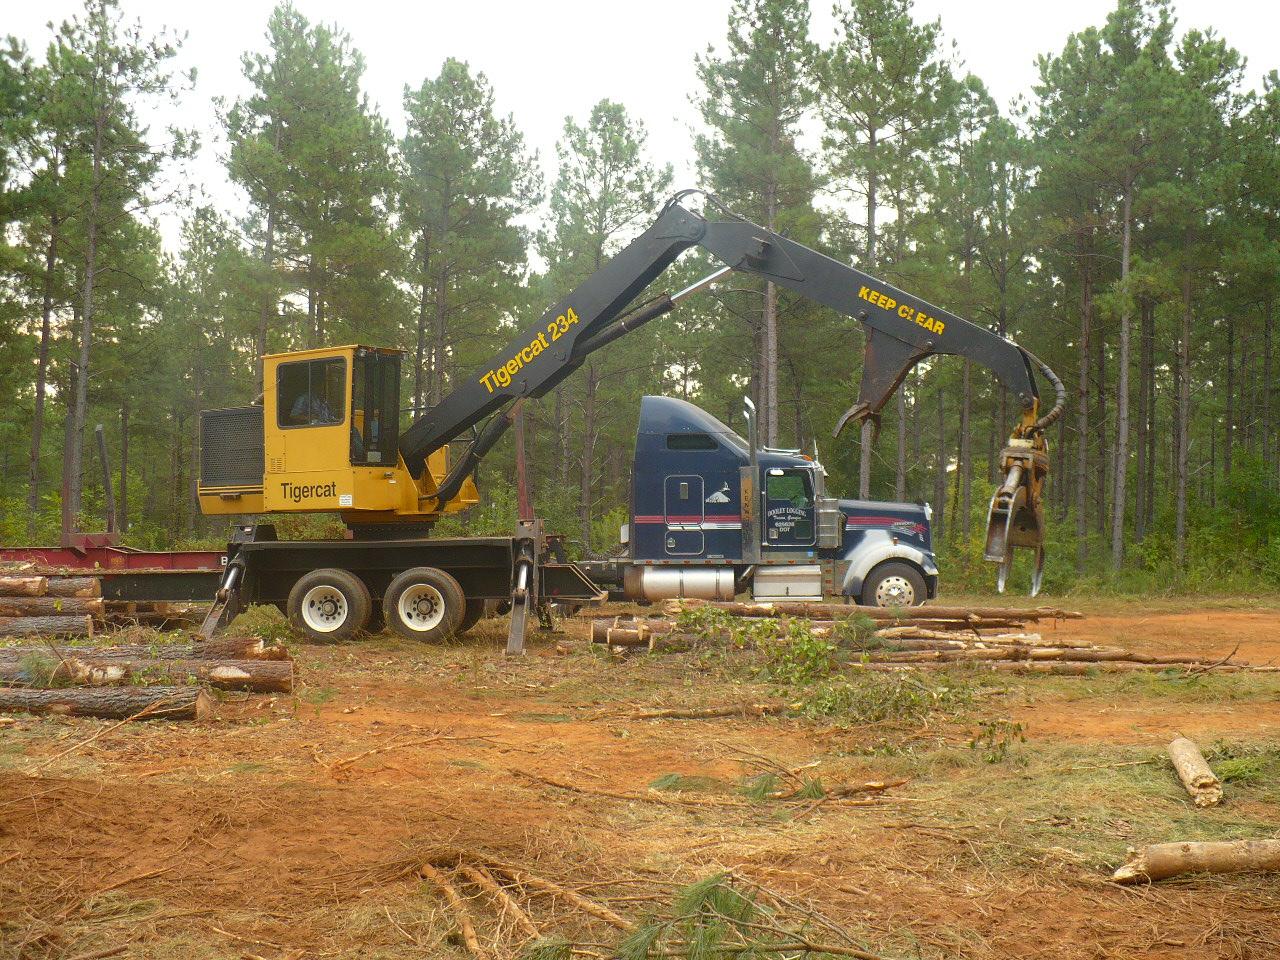 Equipment :: 2007 Tigercat Knuckleboom Log Loader ...